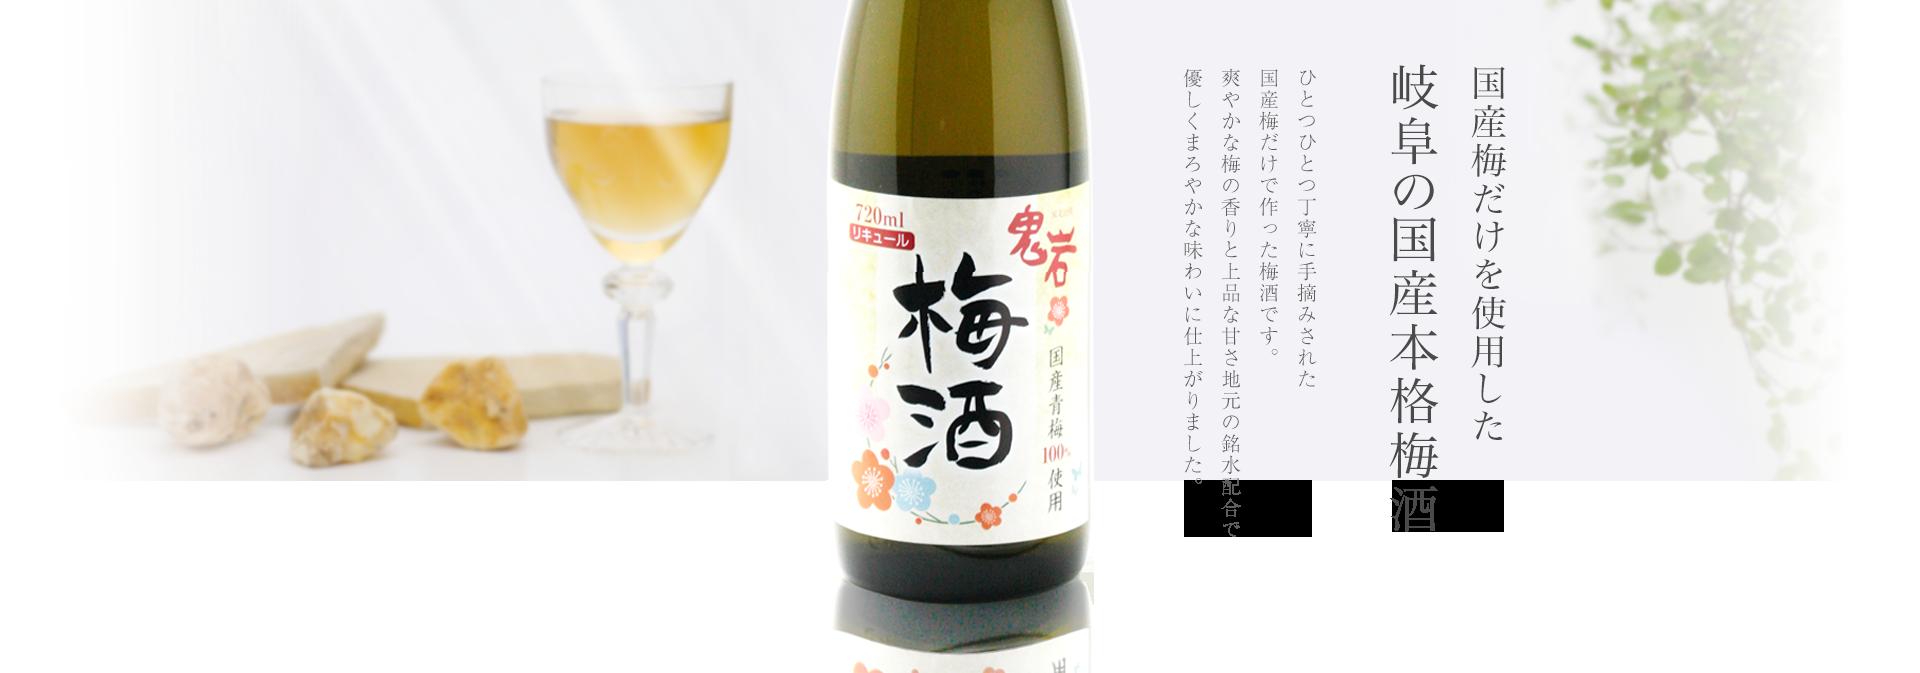 国産梅だけを使用した、岐阜の国産本格梅酒